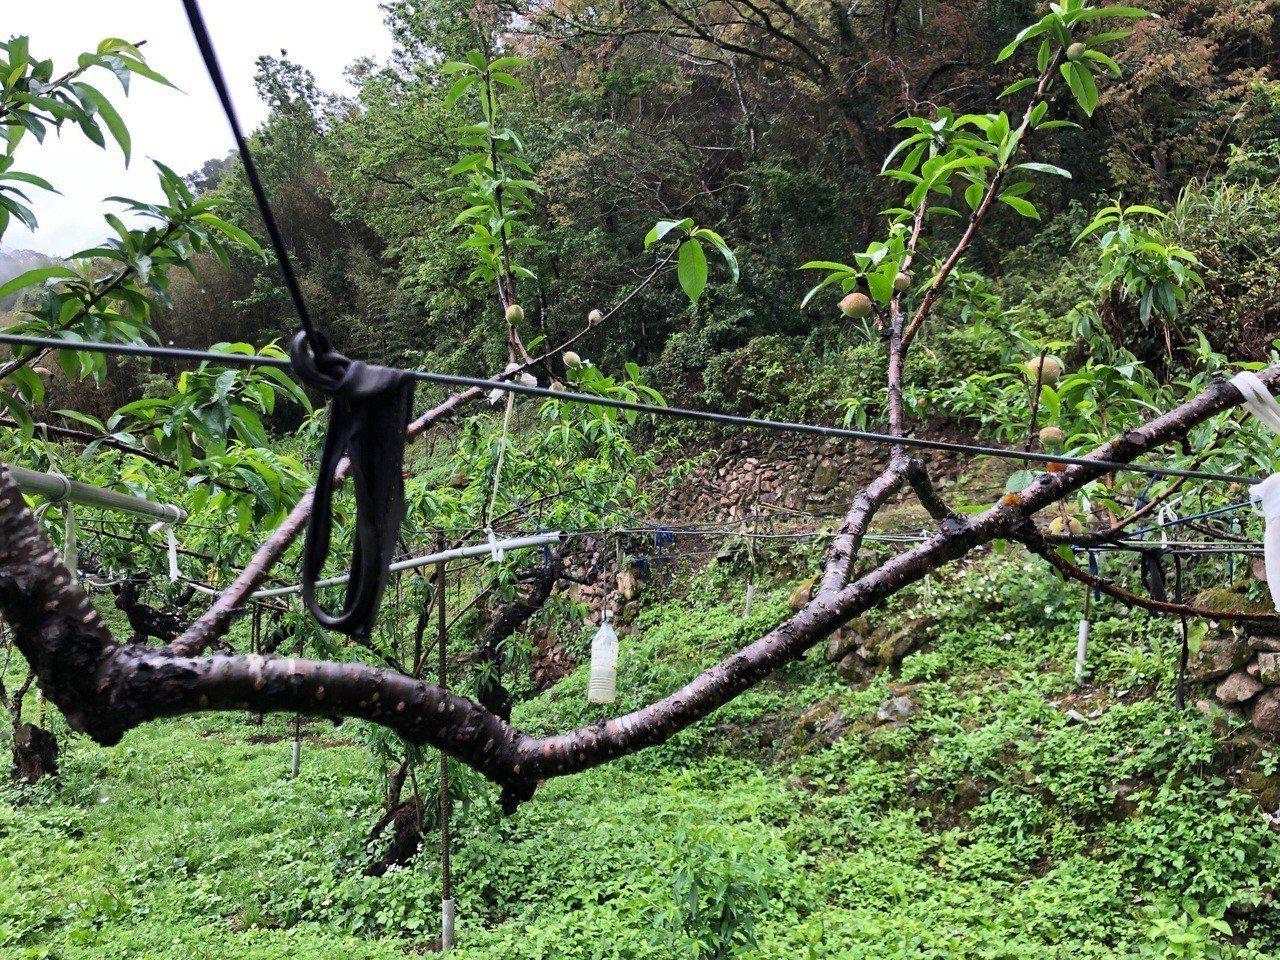 桃園復興五月盛產「媽媽桃」,但今年受暖冬乾旱影響,產量至少掉了一半,市府農業局近...